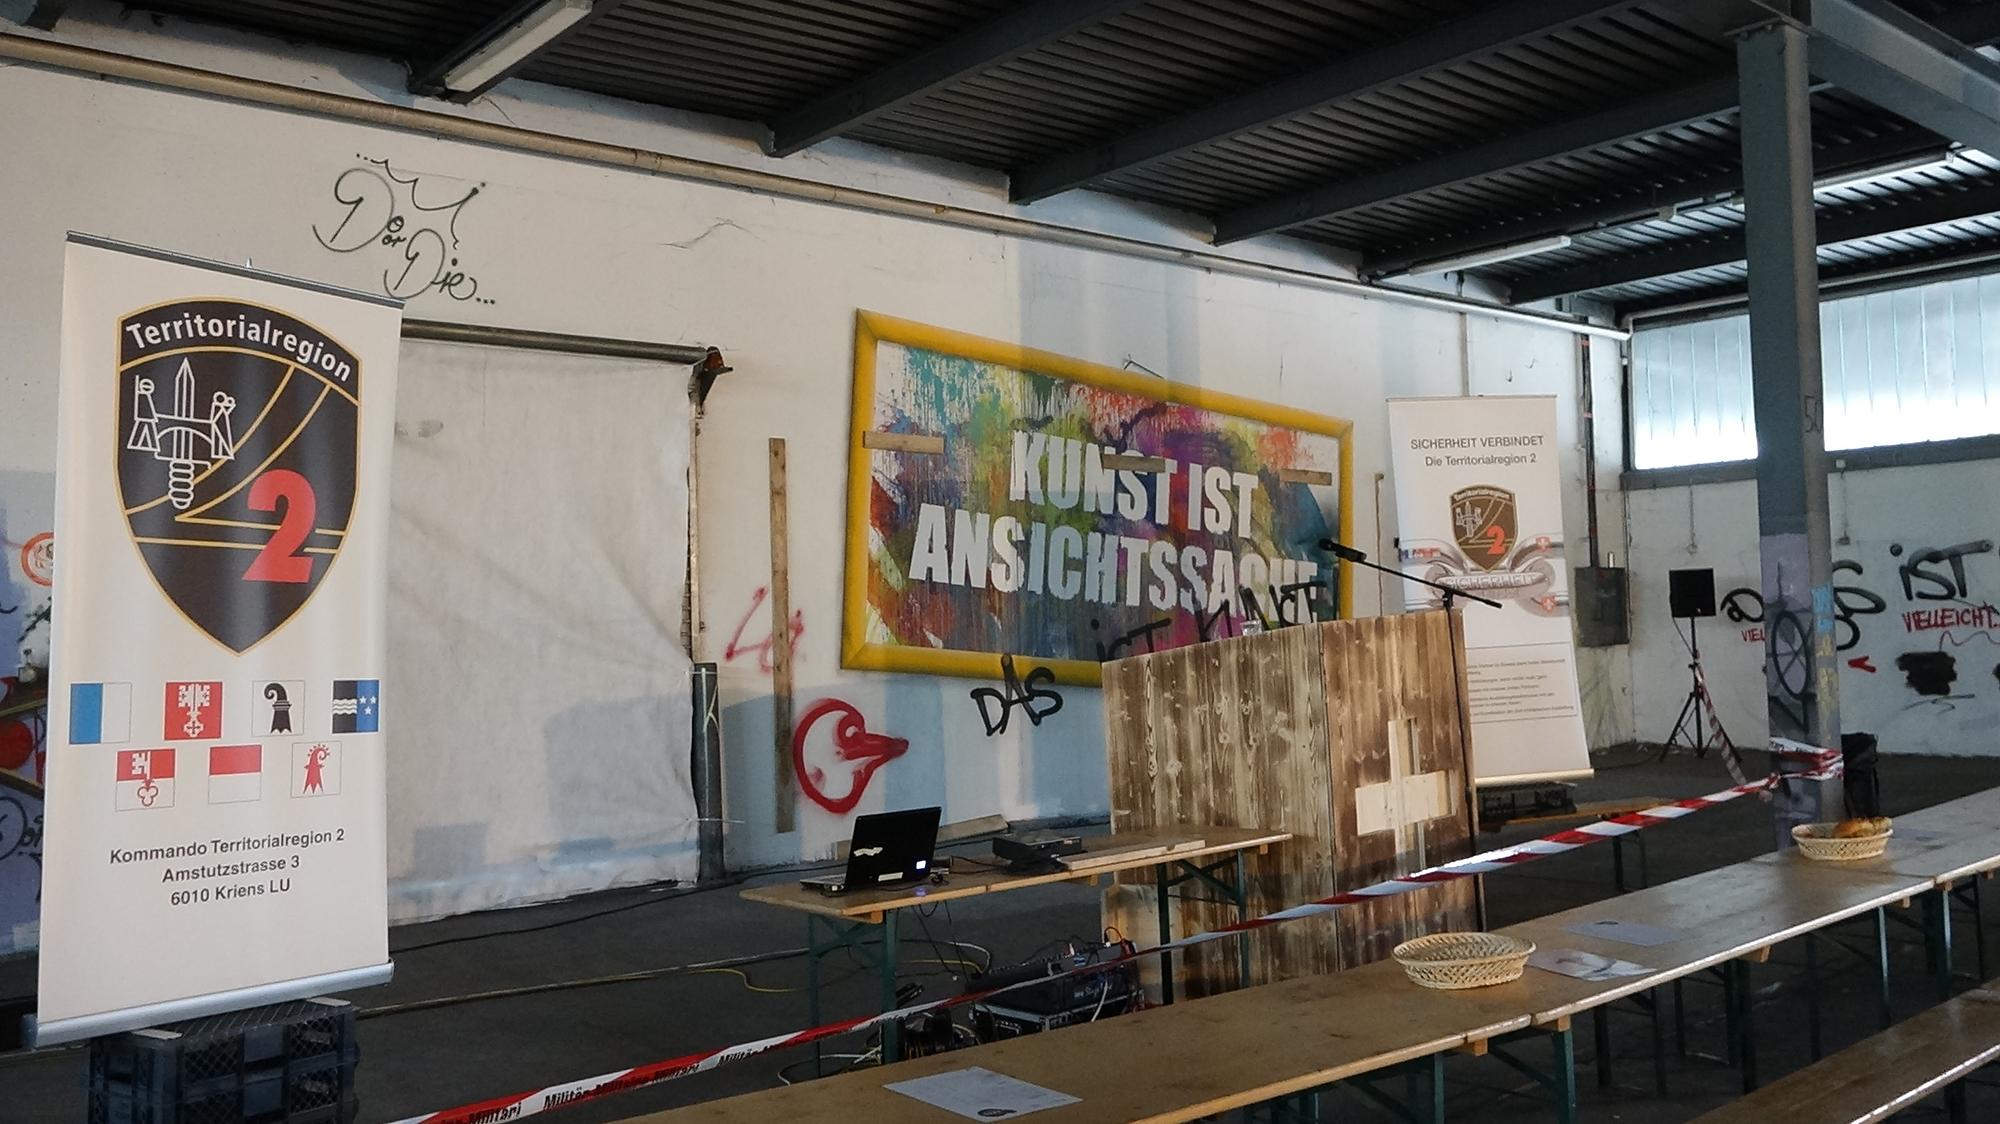 Clash der Kulturen: Bevor das Militär in Muttenz seine Ausstellung zeigt, waren in der alten Fabrikhalle Sprayer am Werk.